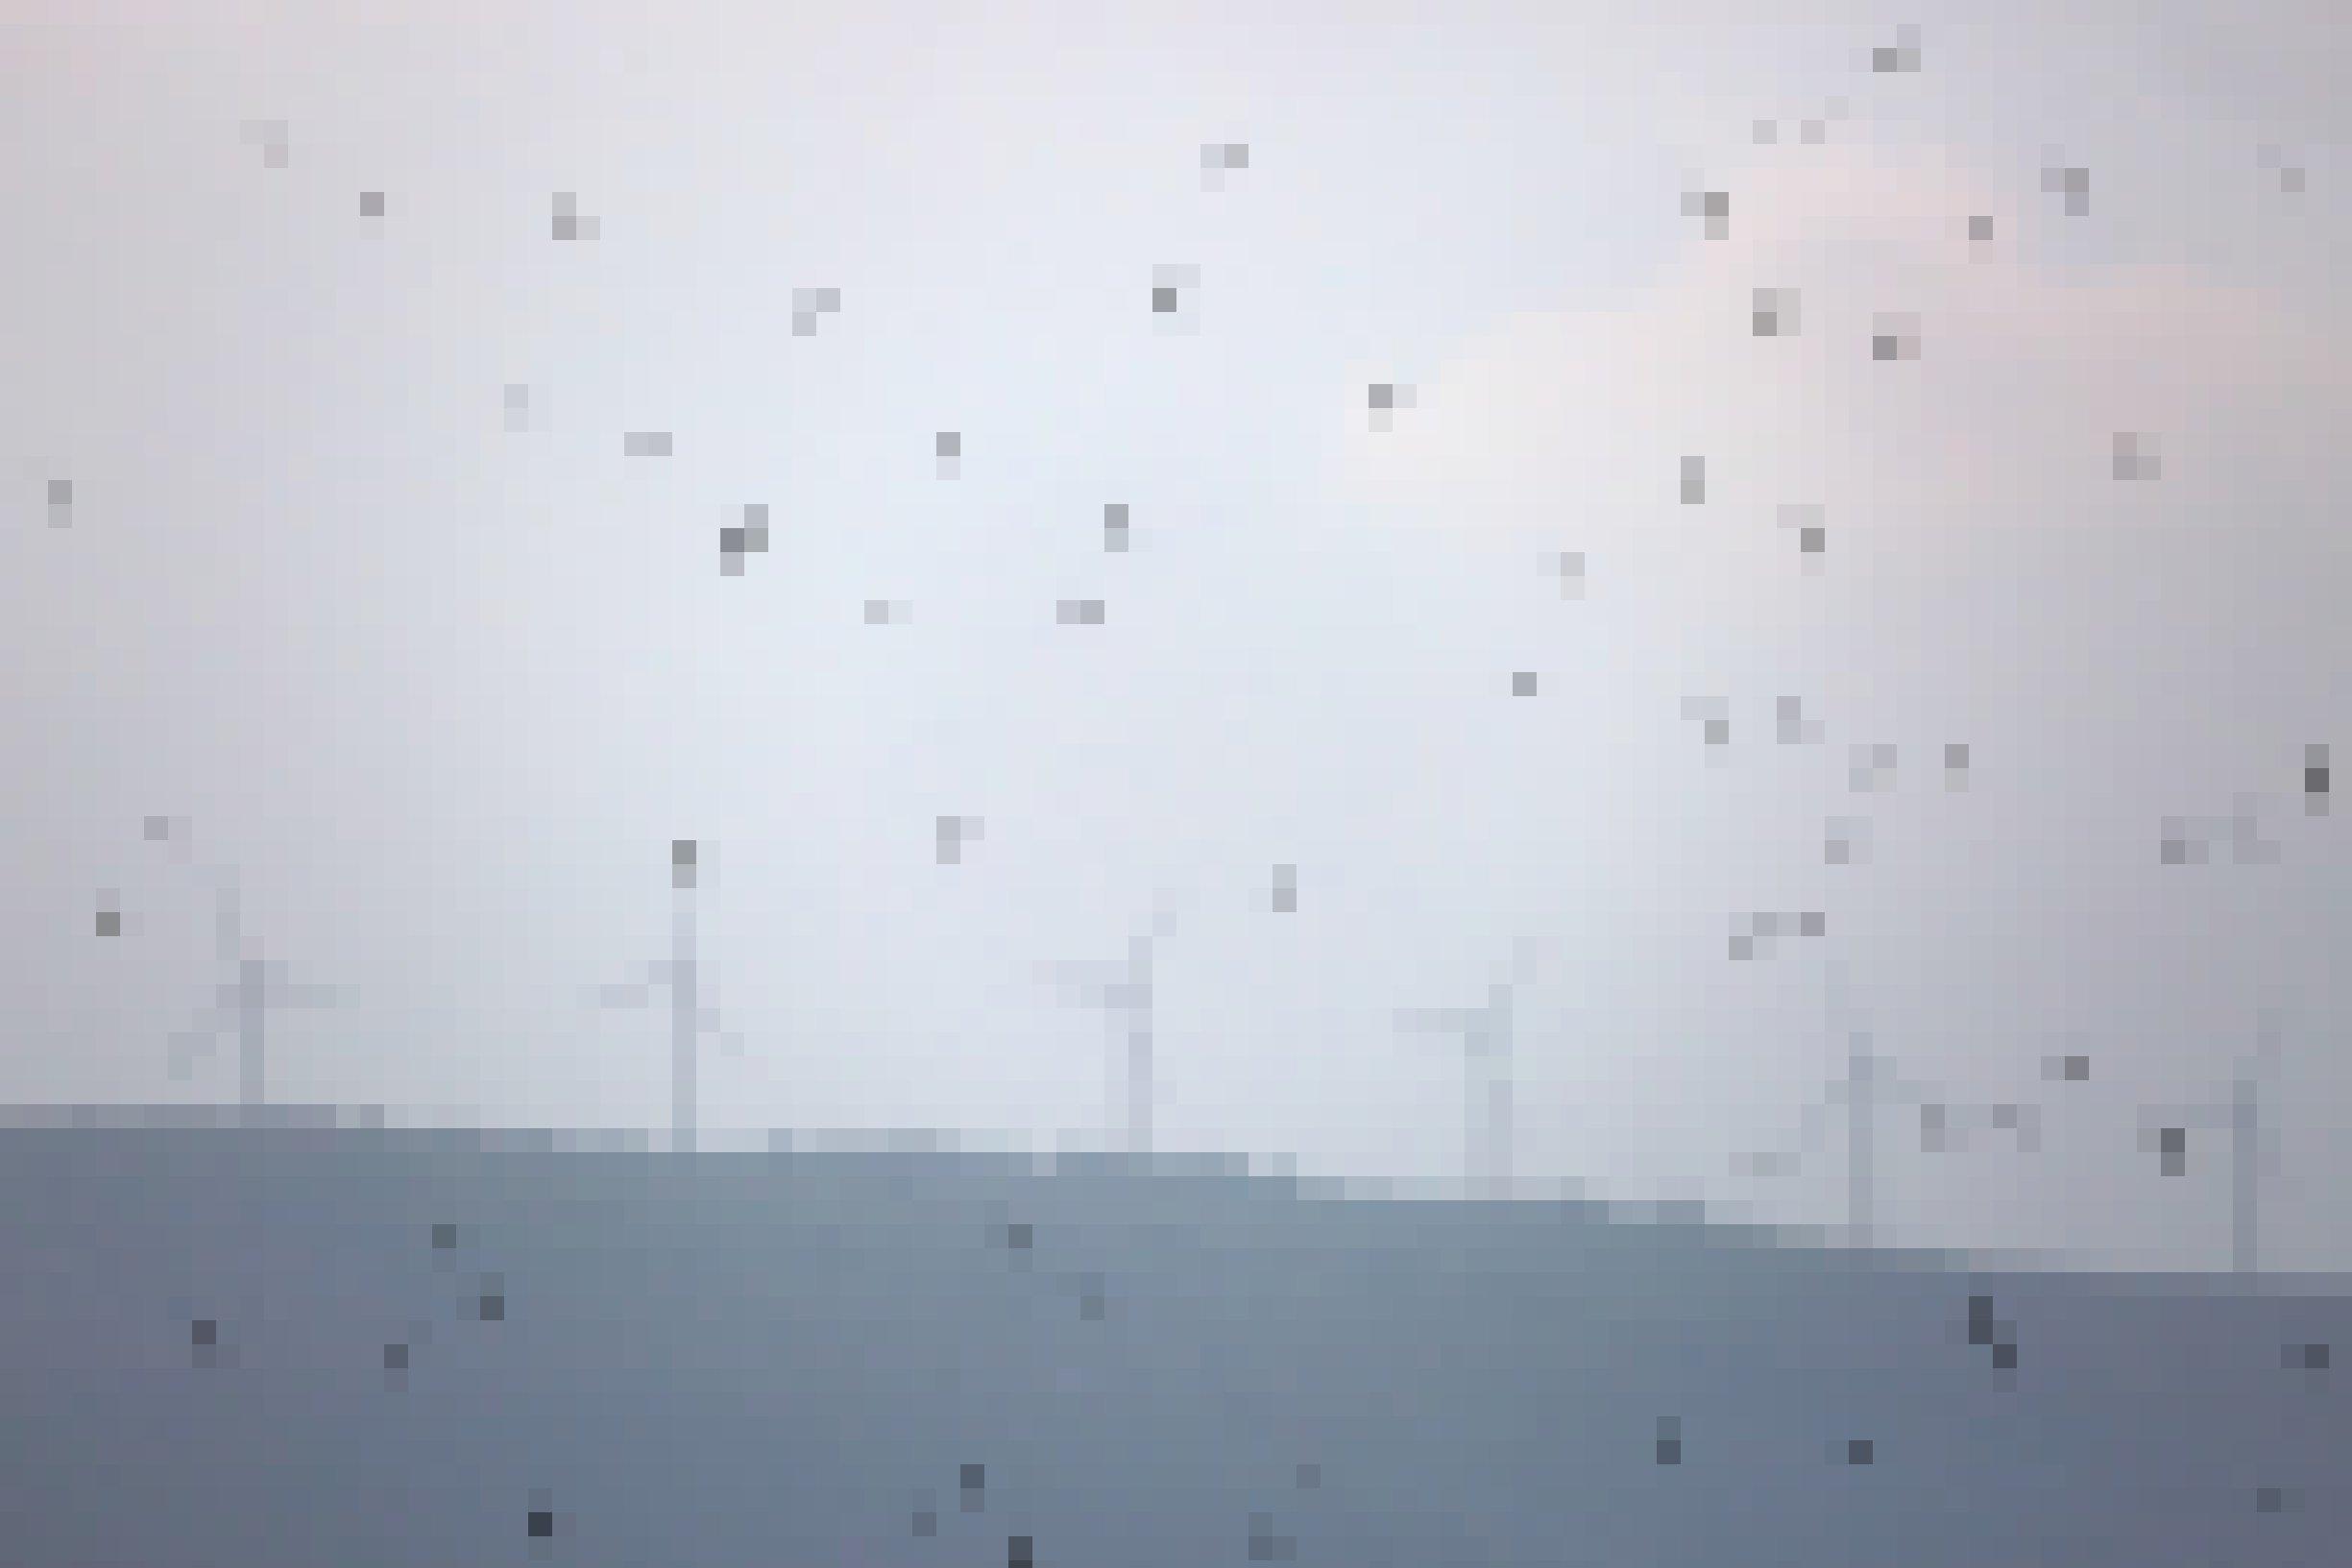 Windräder, davor fliegen kleine schwarze Vögel umher.